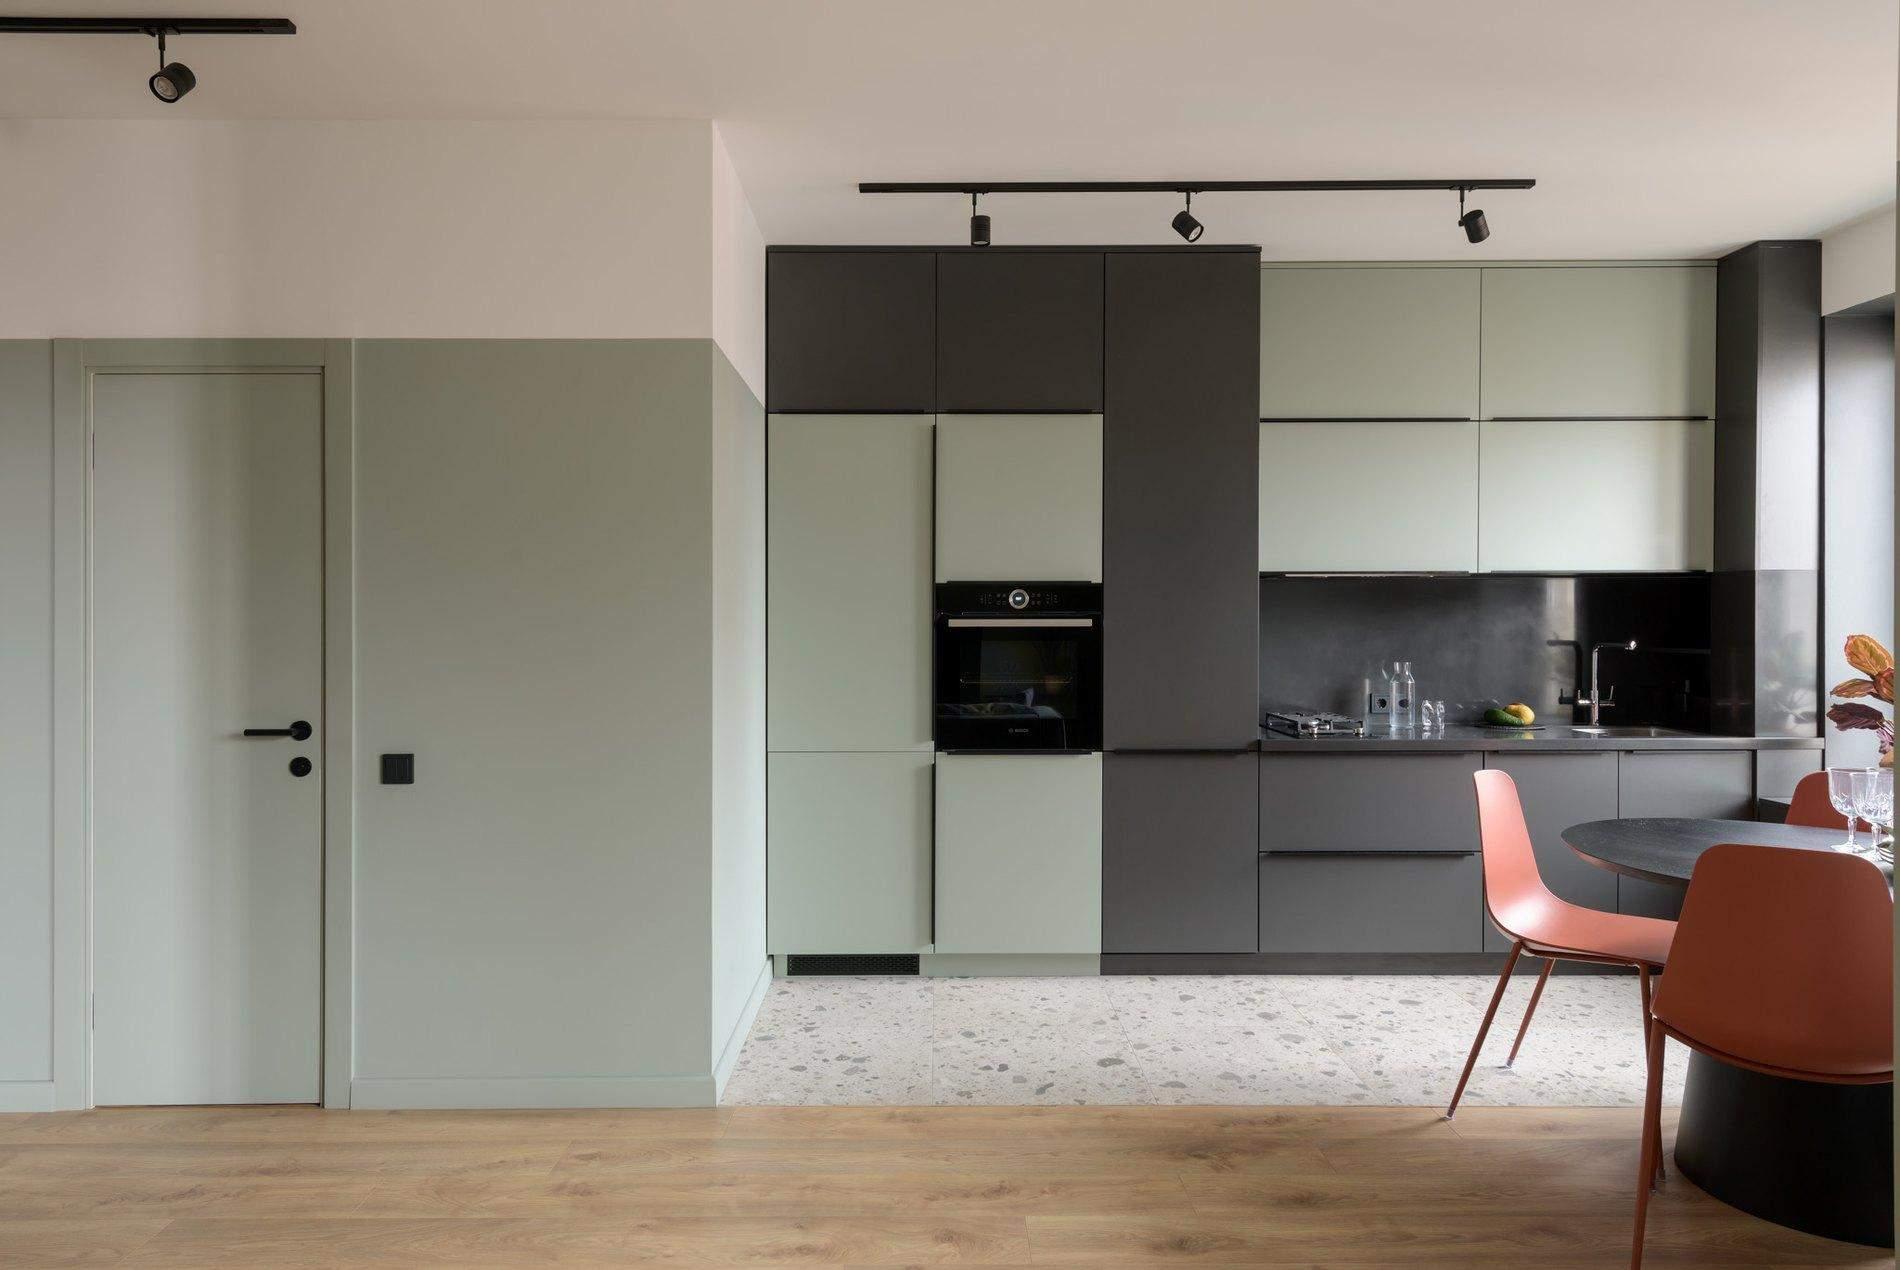 Цвет кухонных фасадов совпадает с цветом стен